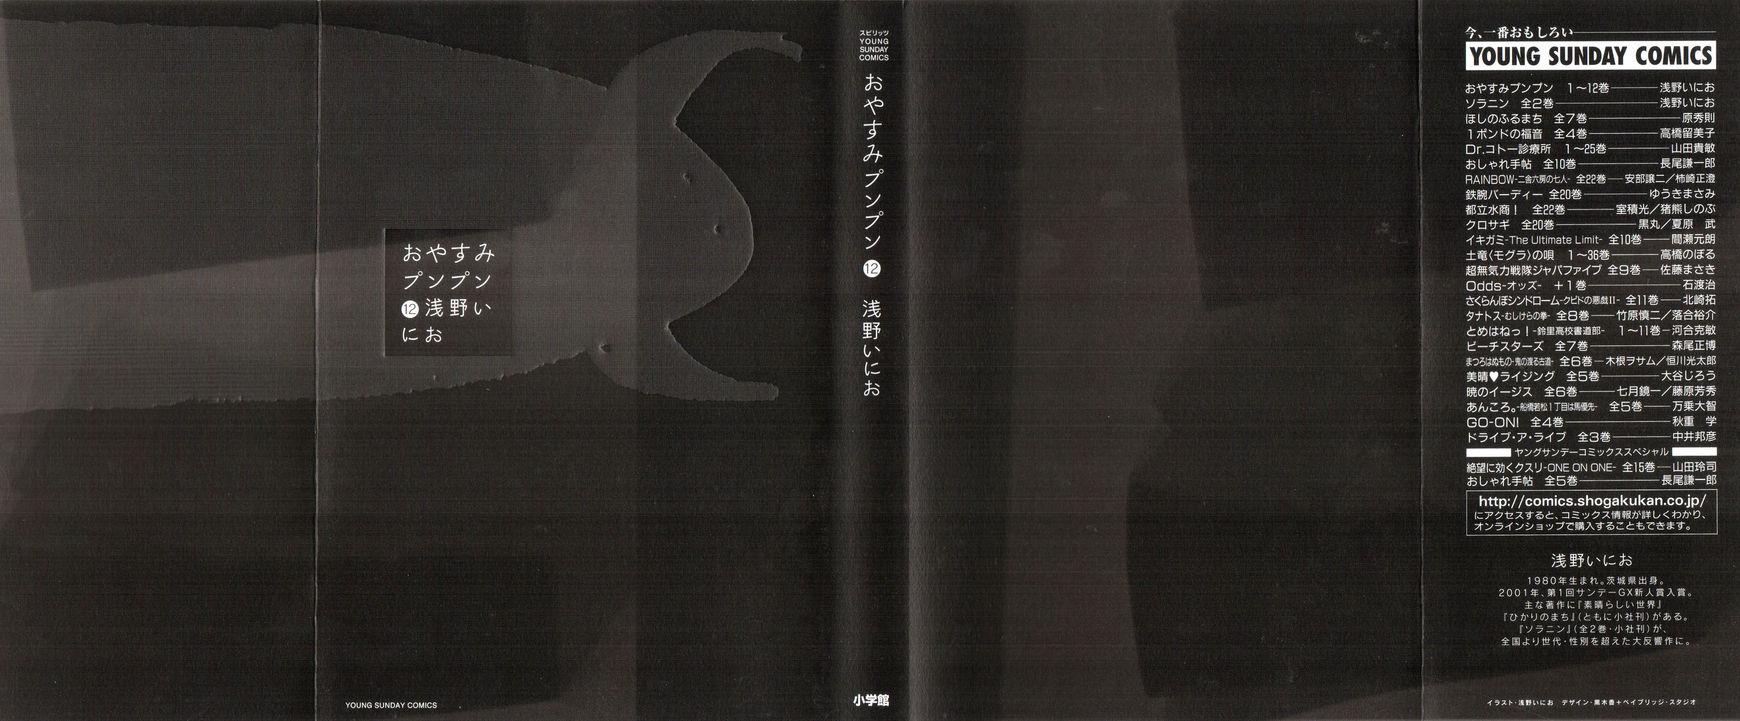 Oyasumi Punpun 122 Page 1